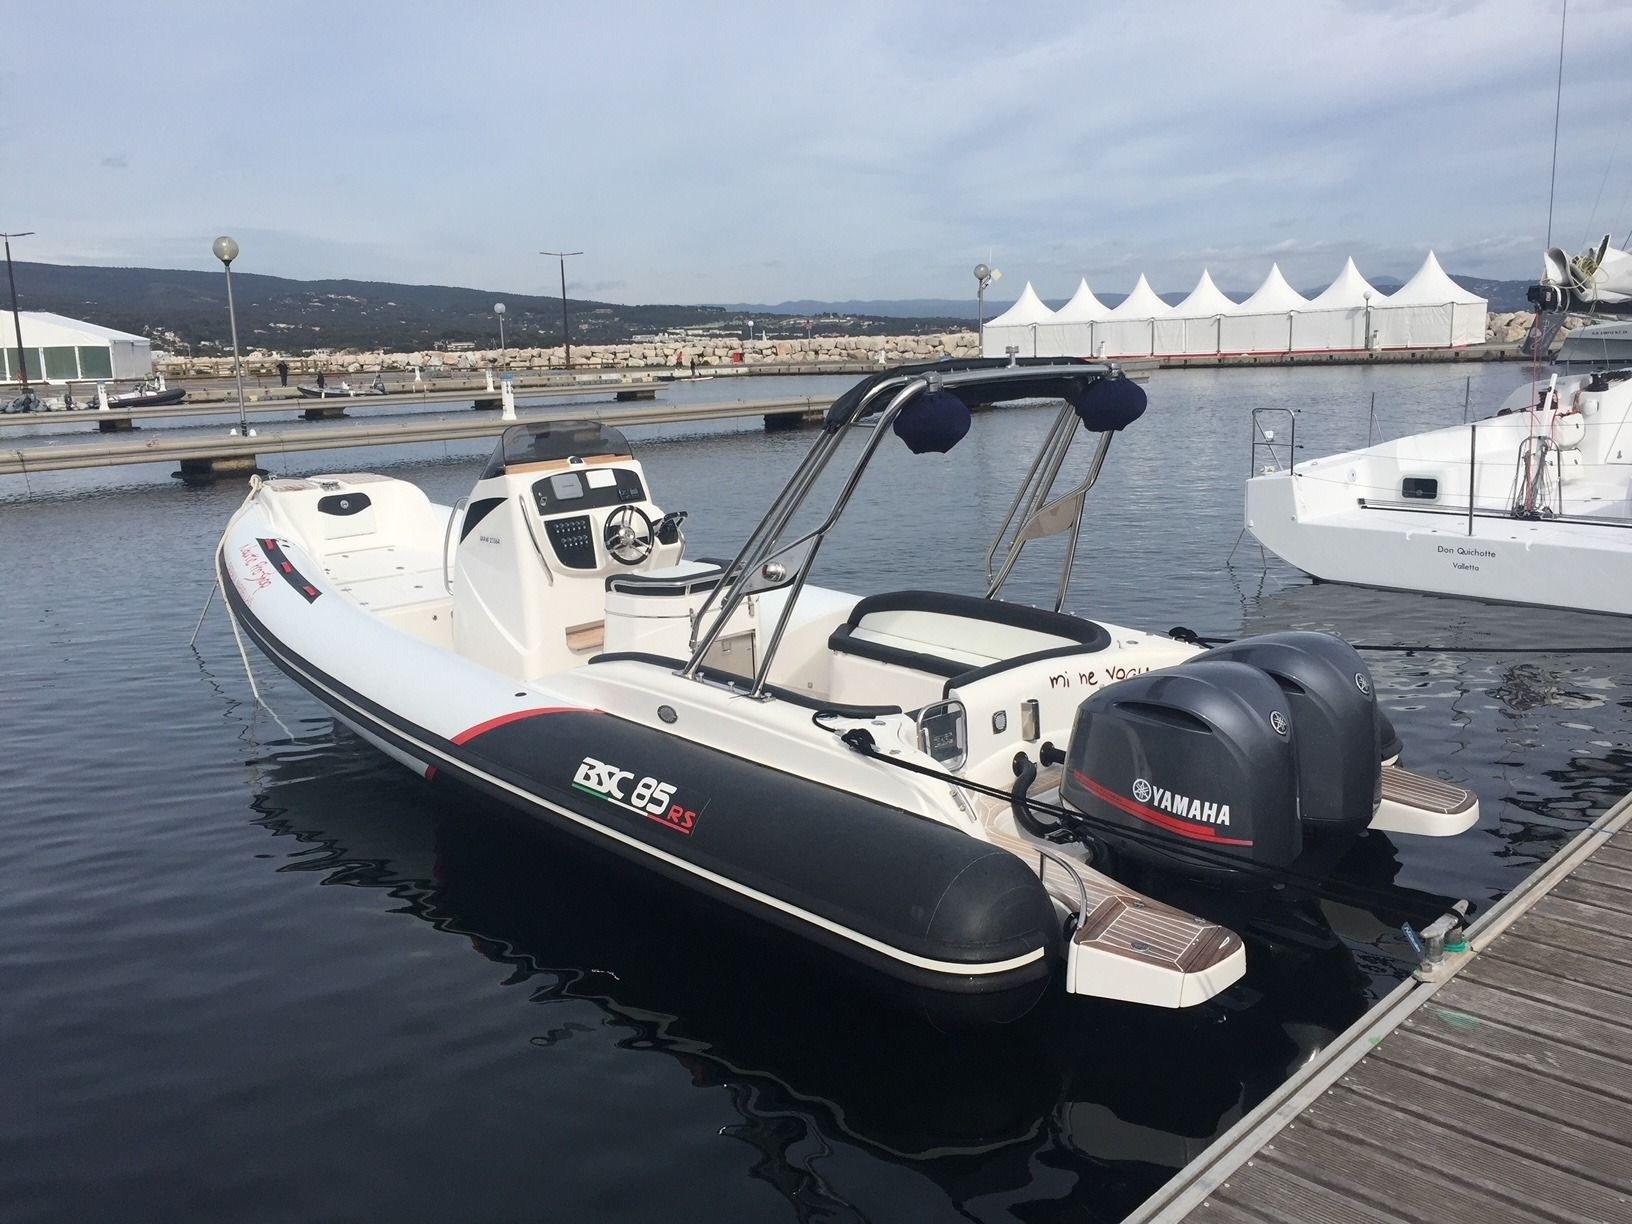 La vente de bateaux neufs